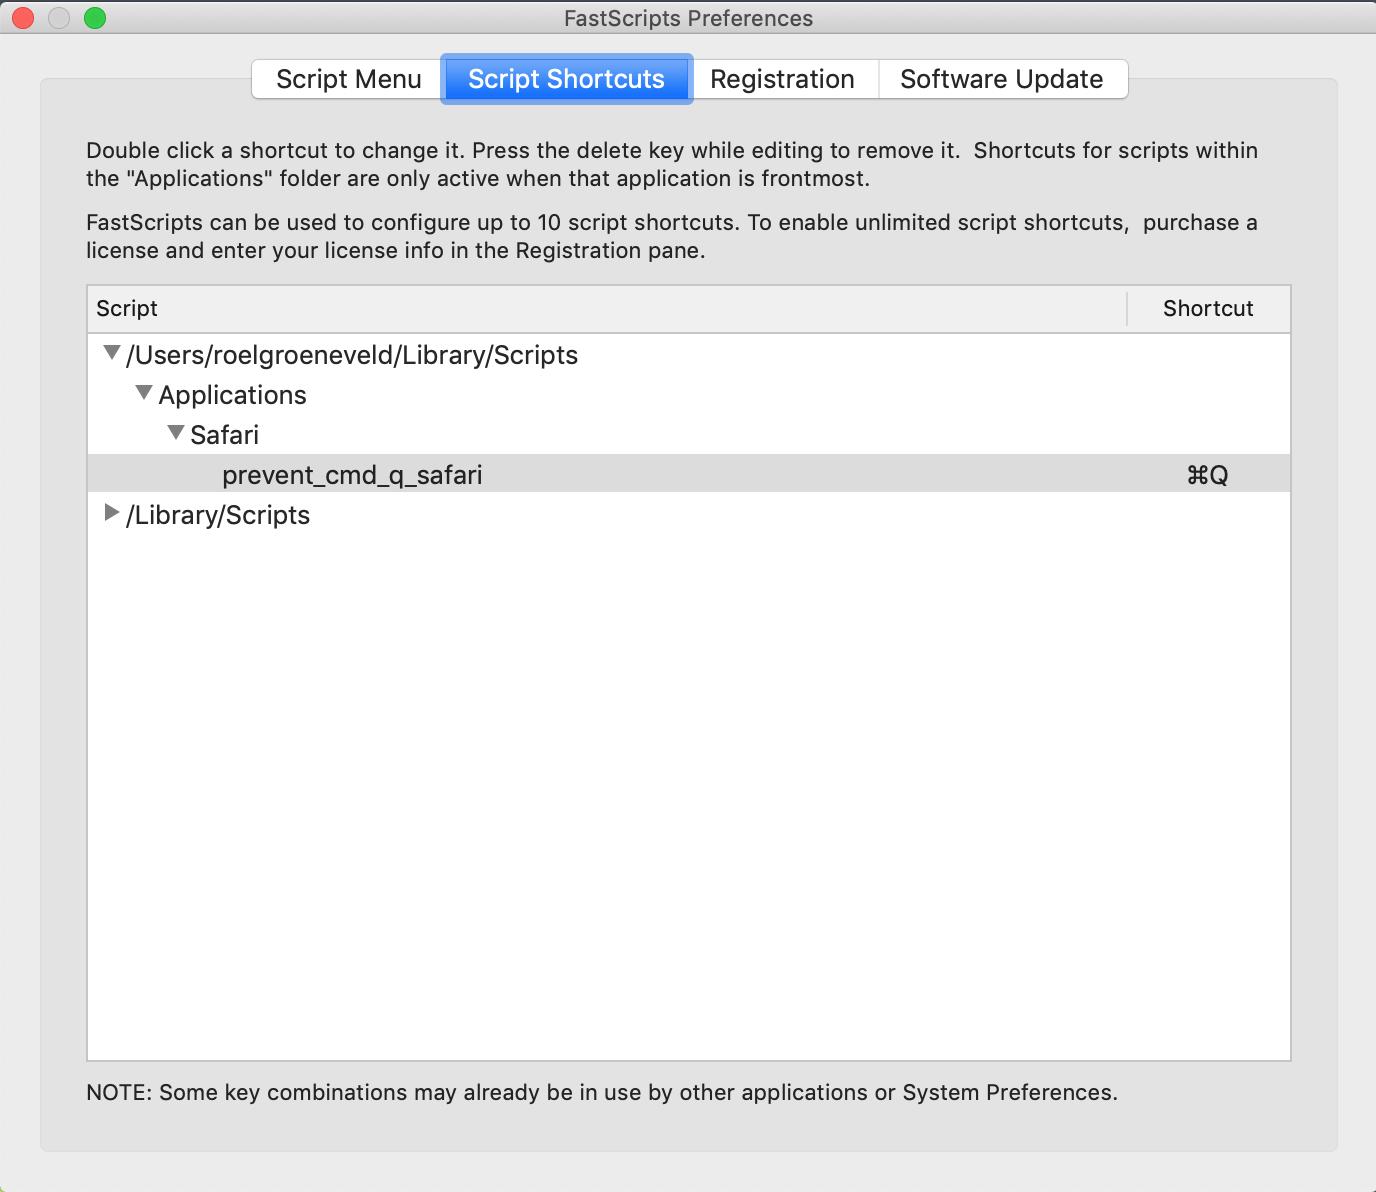 Screenshot van de FastScripts voorkeuren